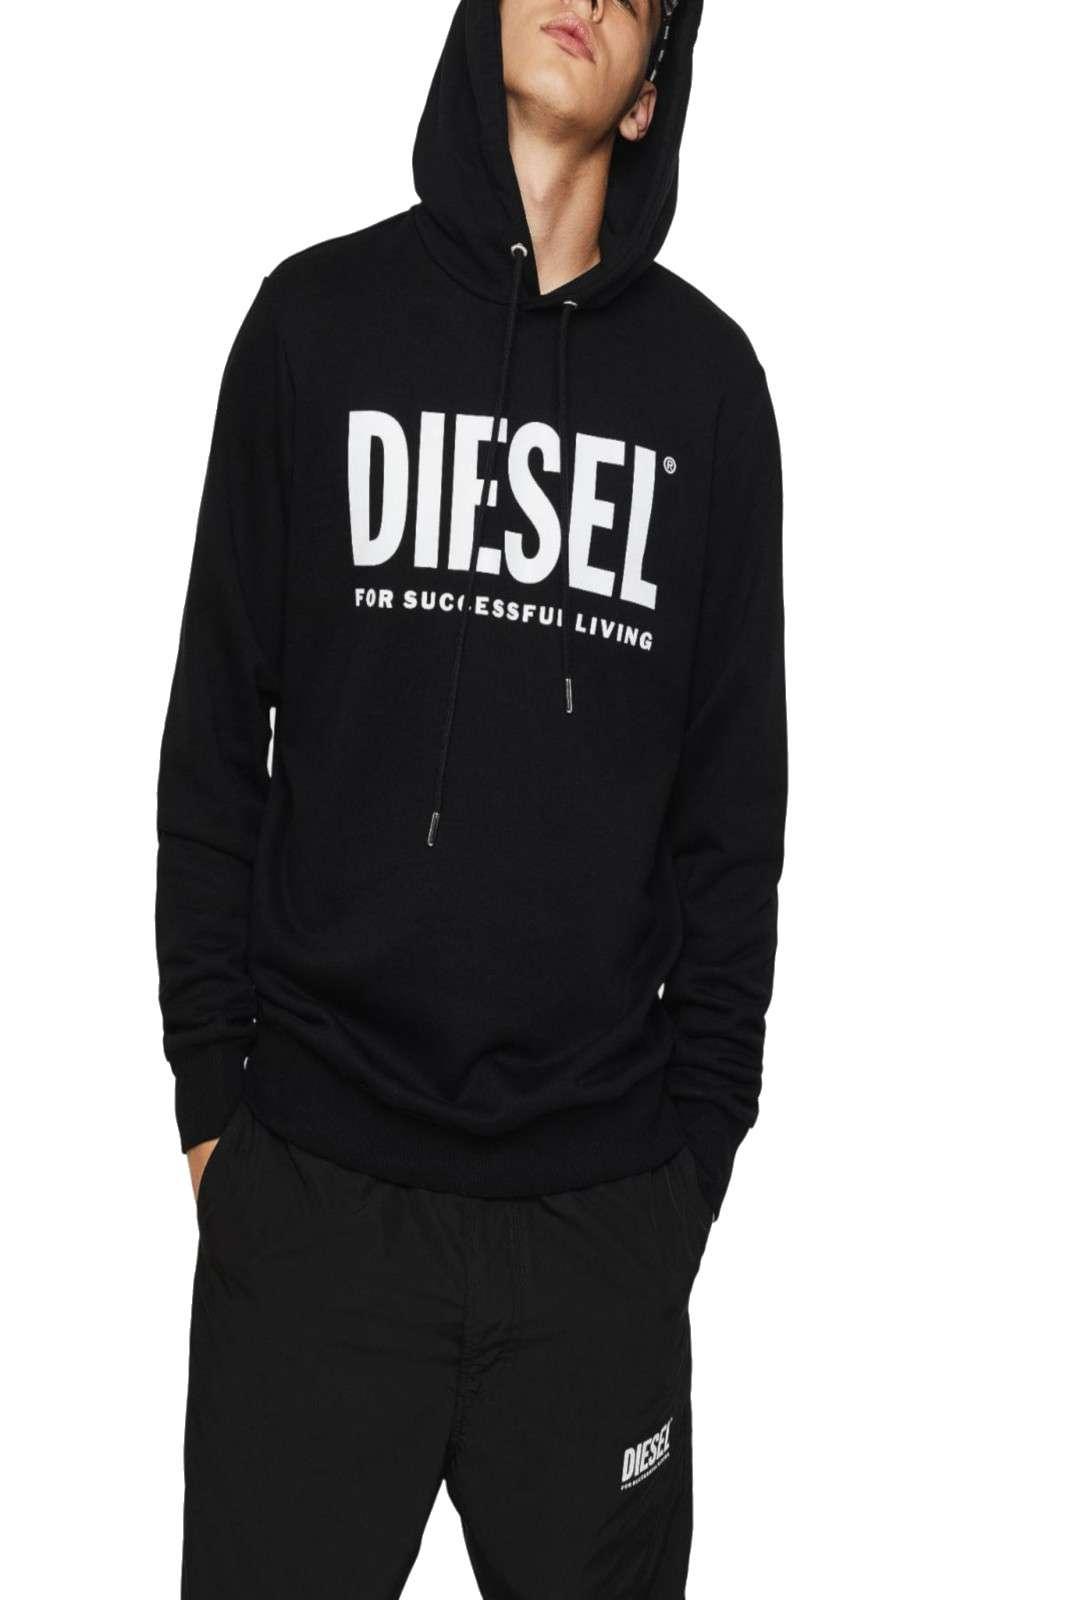 Casual e comoda, la felpa Diesel DIVISION LOGO, perfetta per i tuoi outfit più versatili. Ideale per le evenienze più informali, dove abbinata ad un jeans e un paio di sneakers, creerà un outfit contemporaneo e trendy.